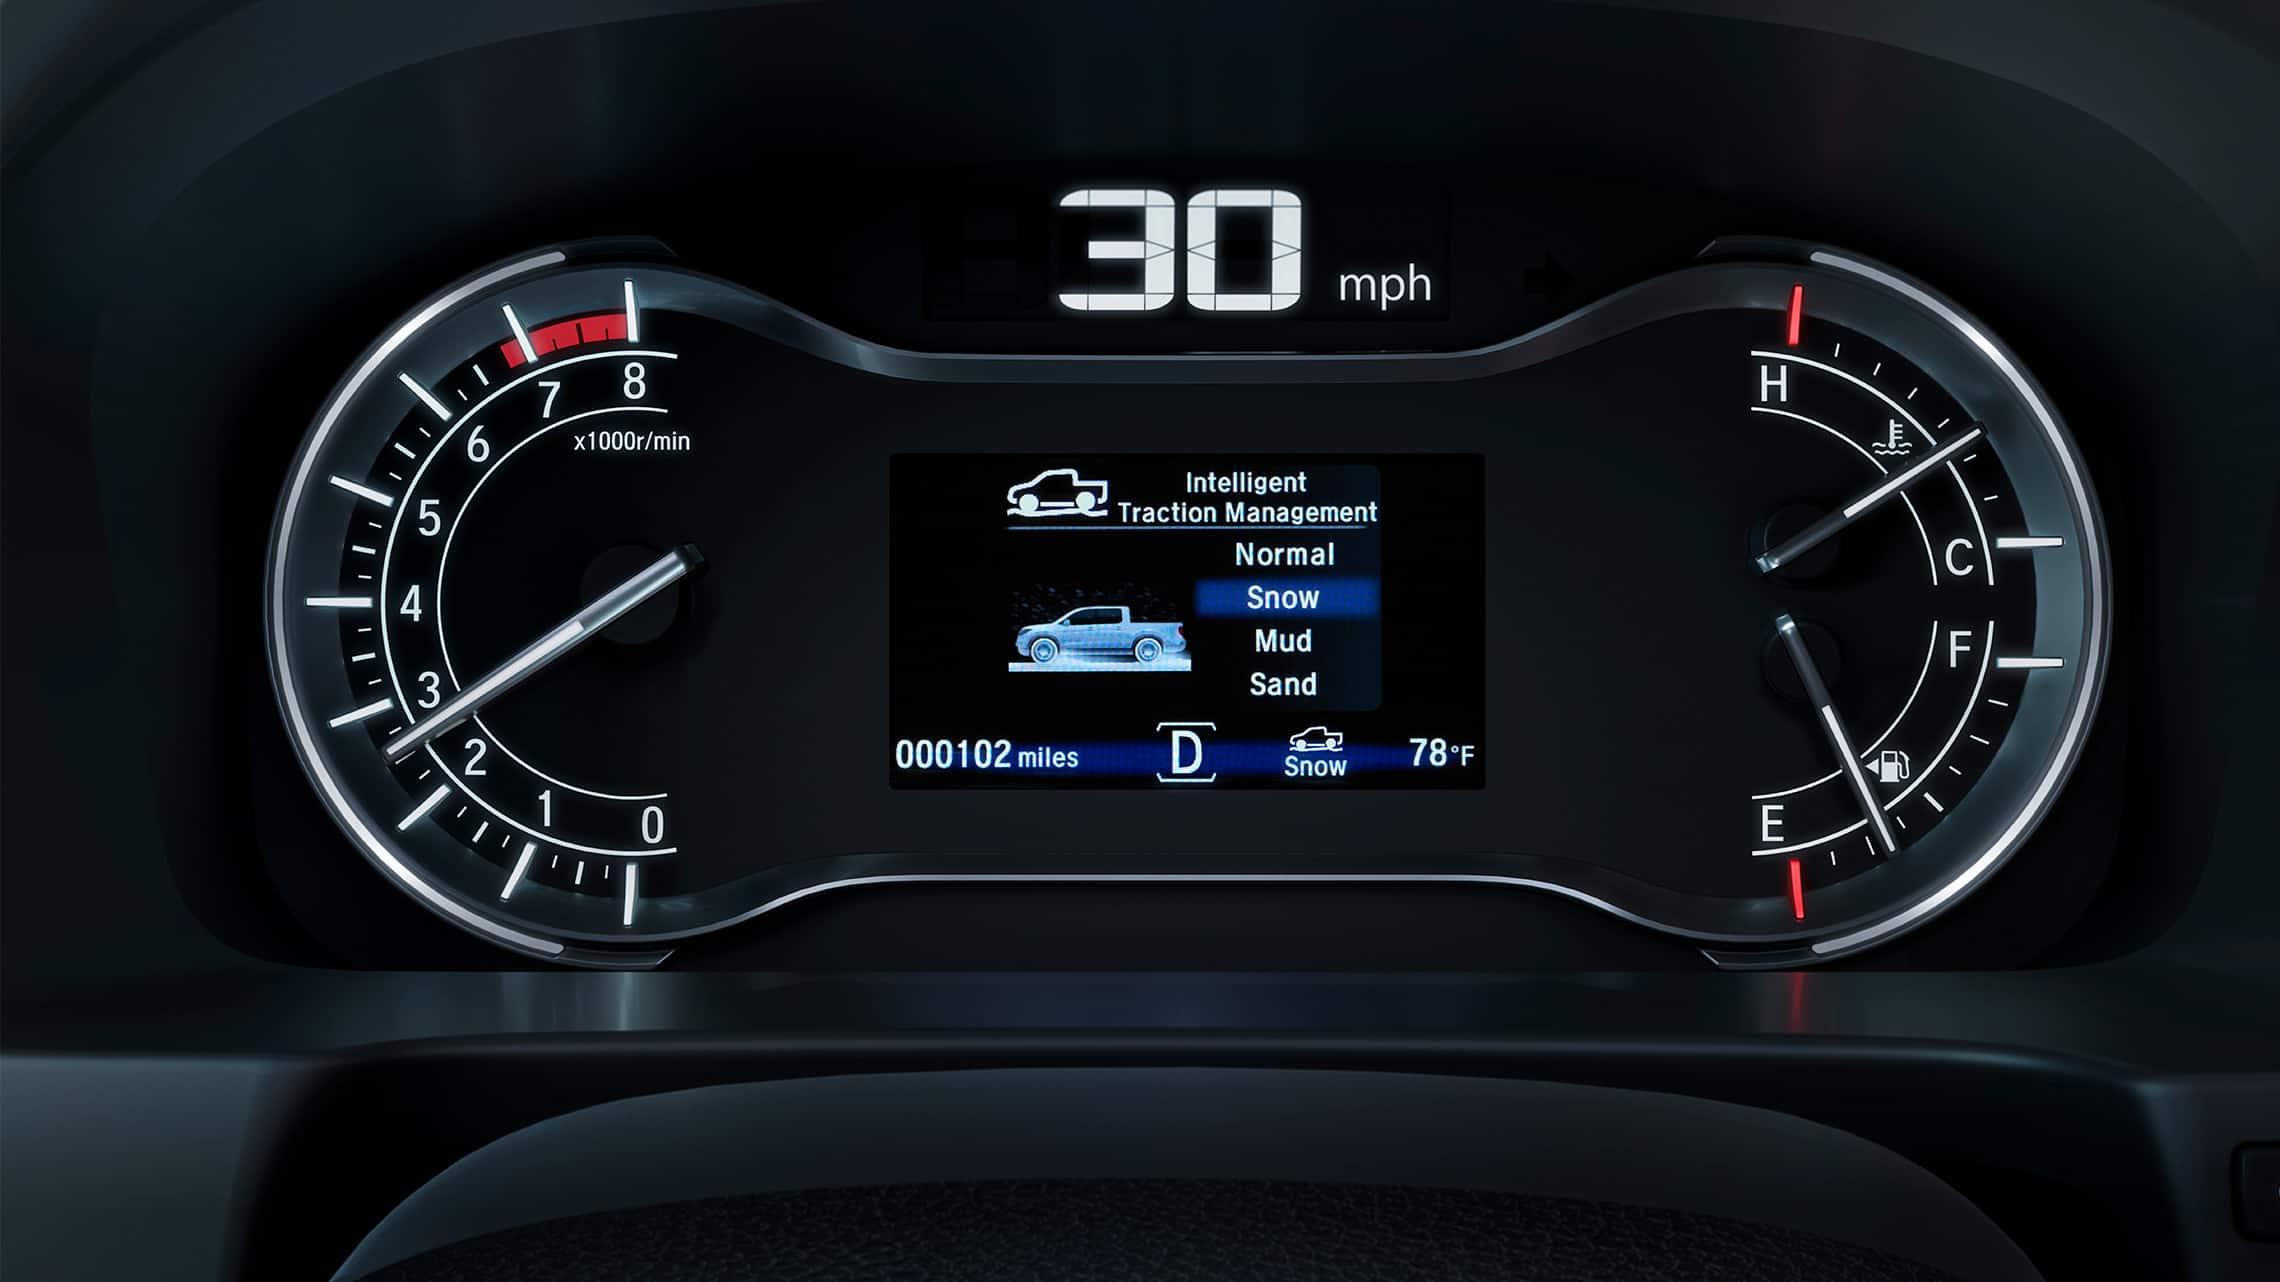 Detalle de la pantalla del sistema de control de tracción inteligente en la Honda Ridgeline RTL-E2020.